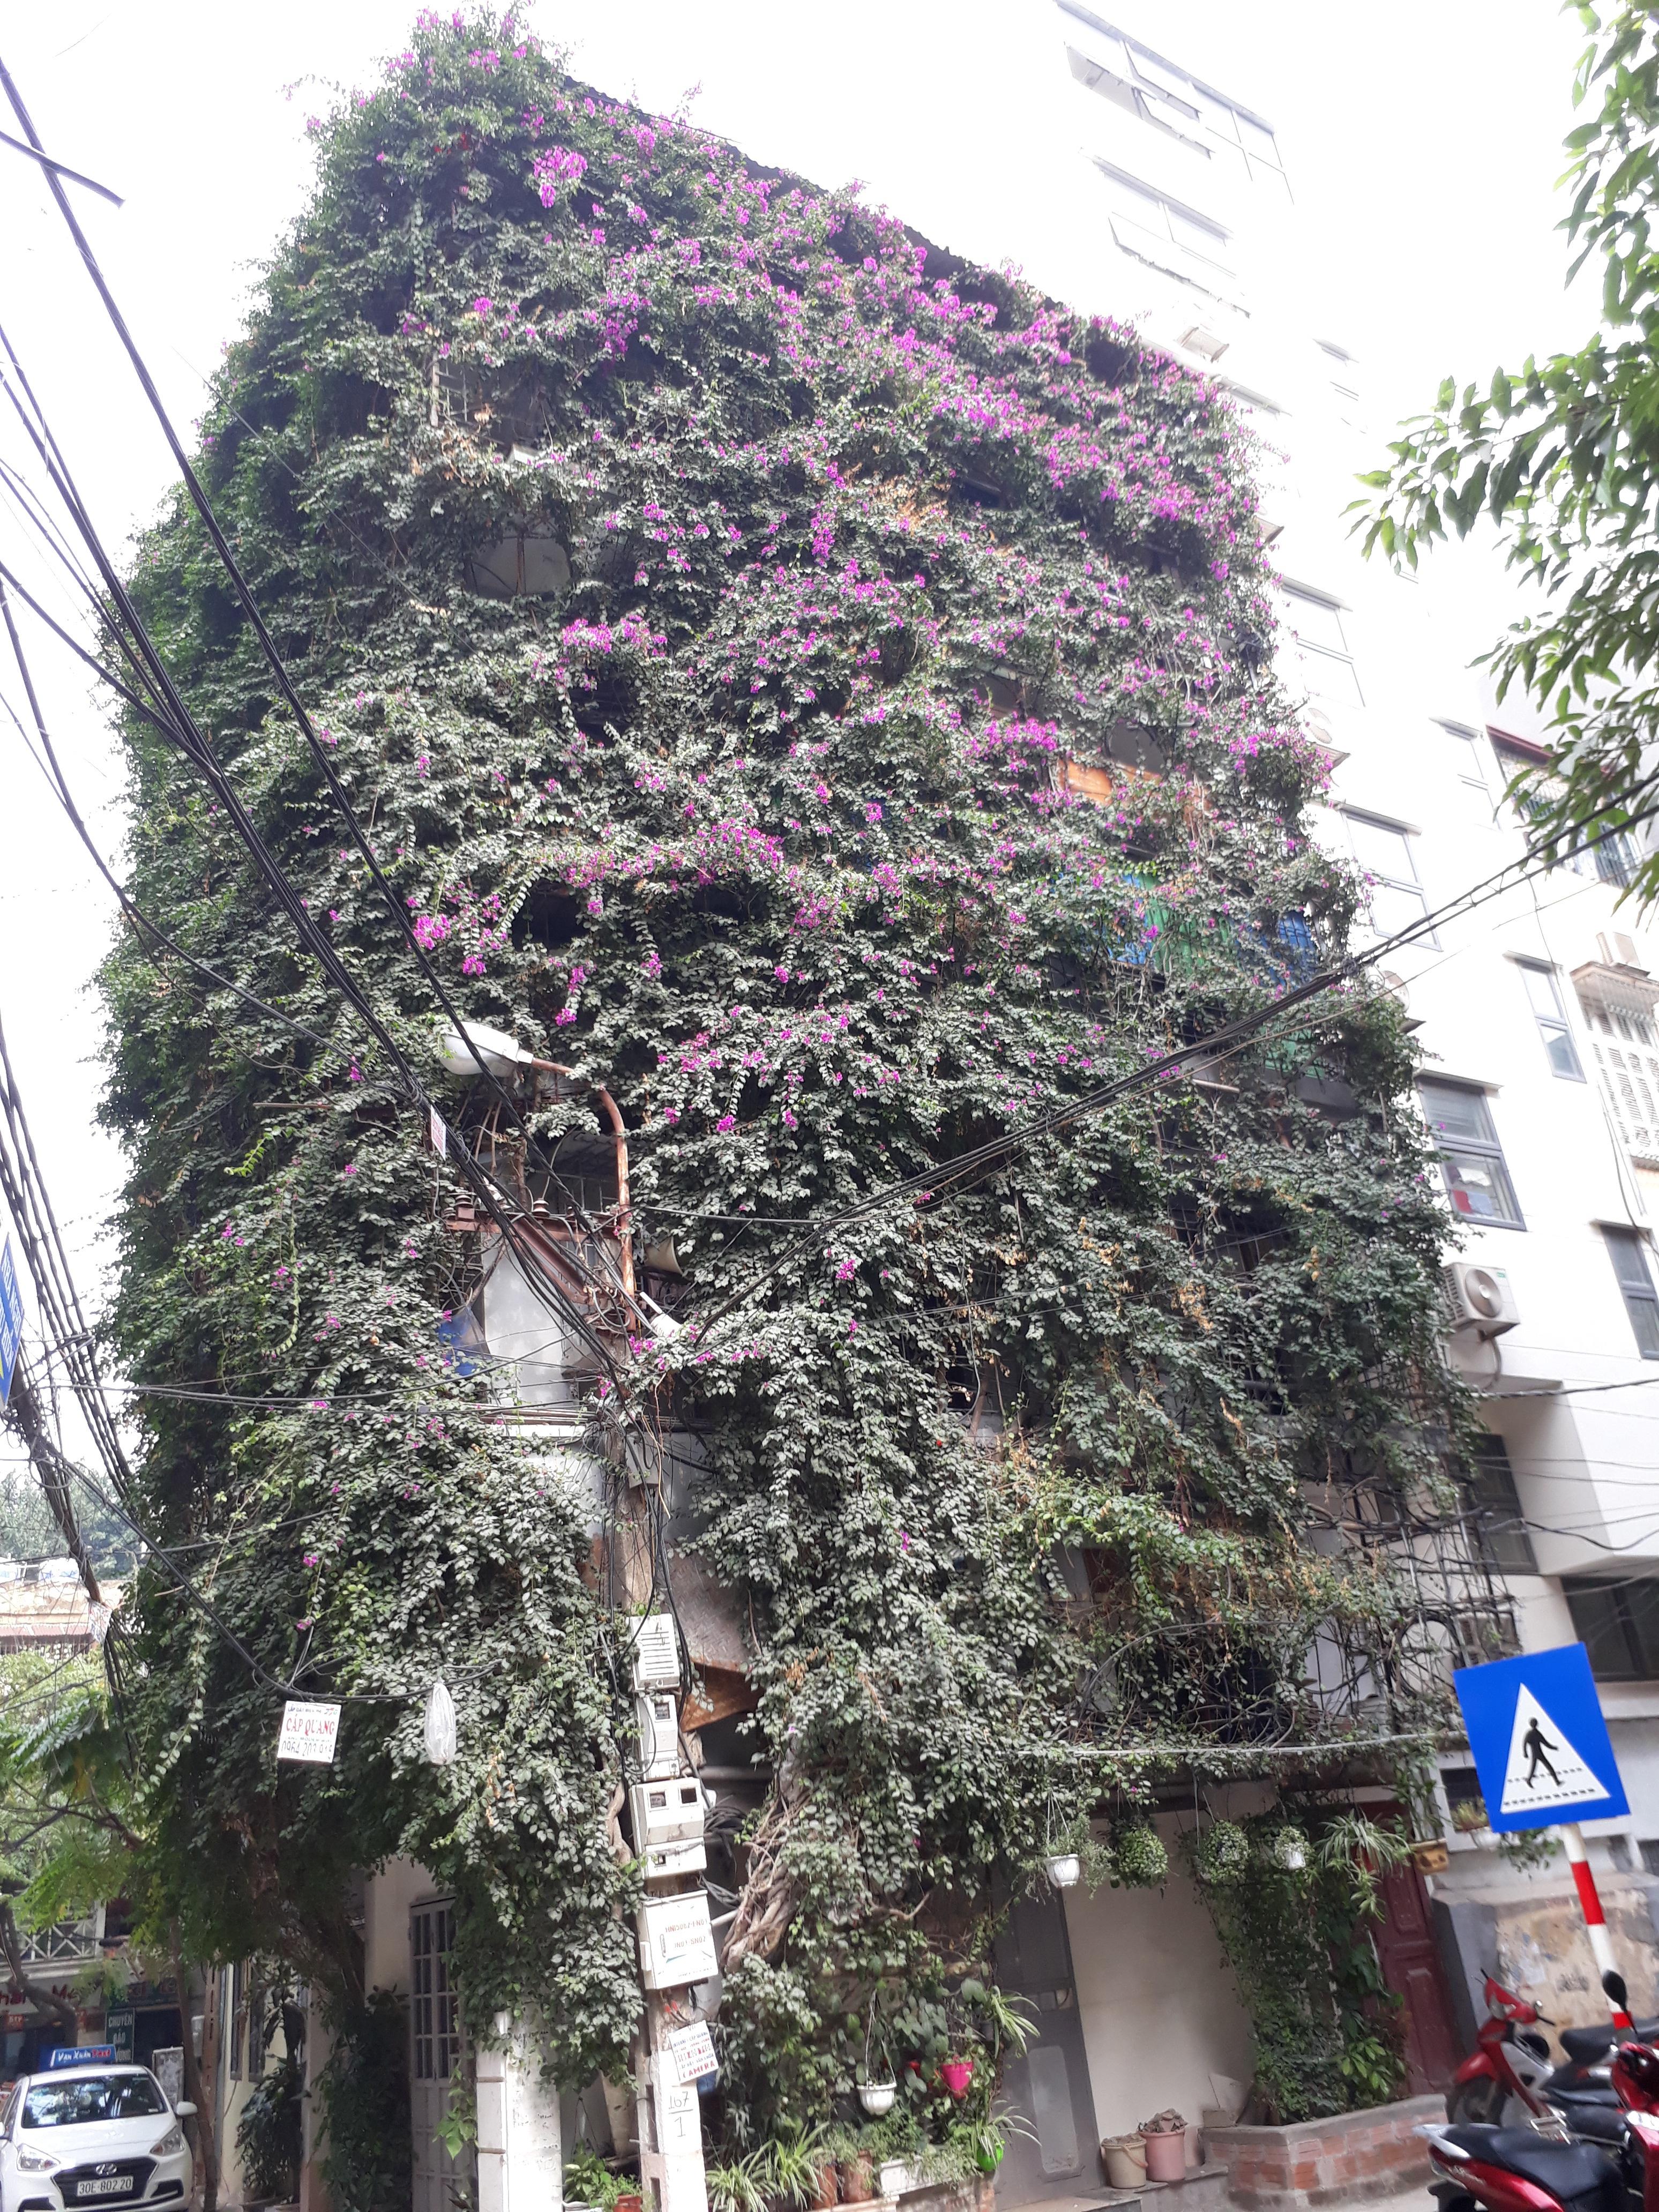 Nhà cây 5 tầng phủ kín hoa giấy ở Hà Nội, ai đi qua cũng dừng lại ngắm - 14